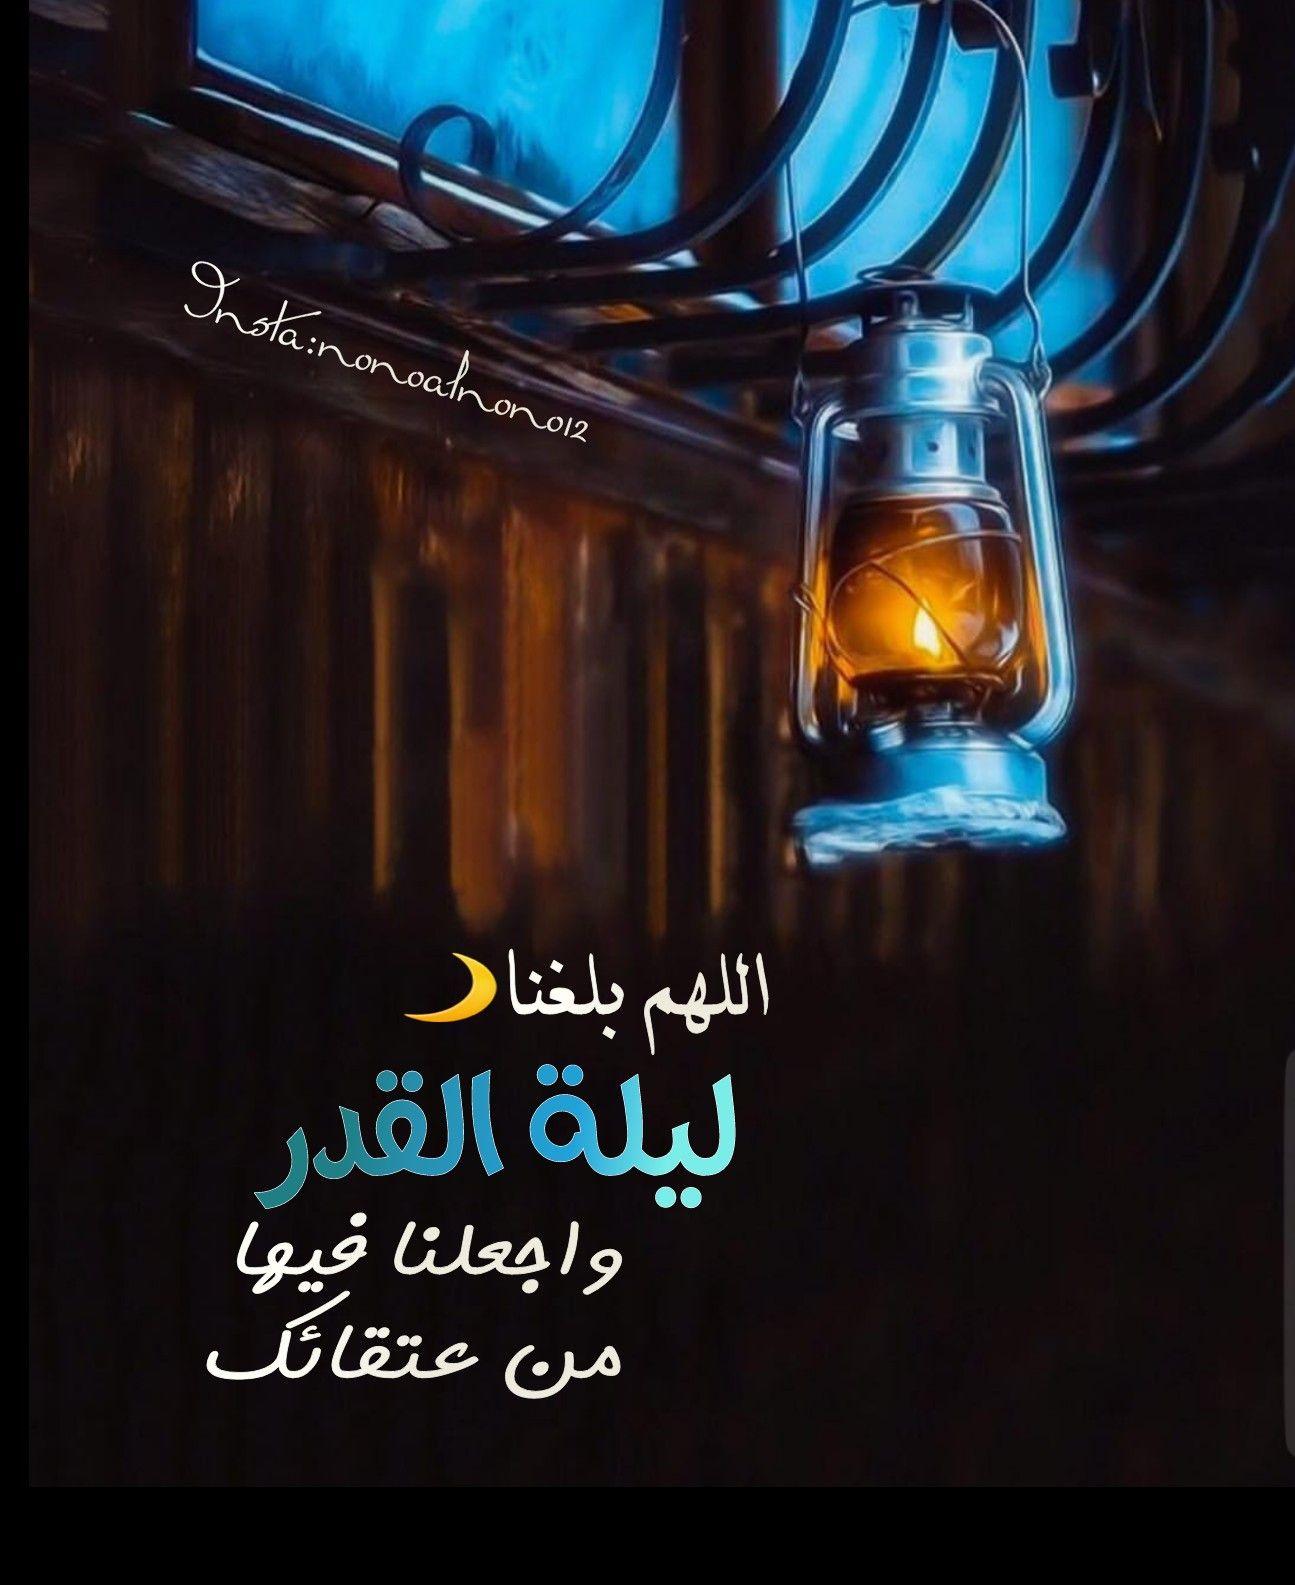 اللهم بلغنا ليلة القدر Ramadan Lantern Ramadan Quotes Ramadan Kareem